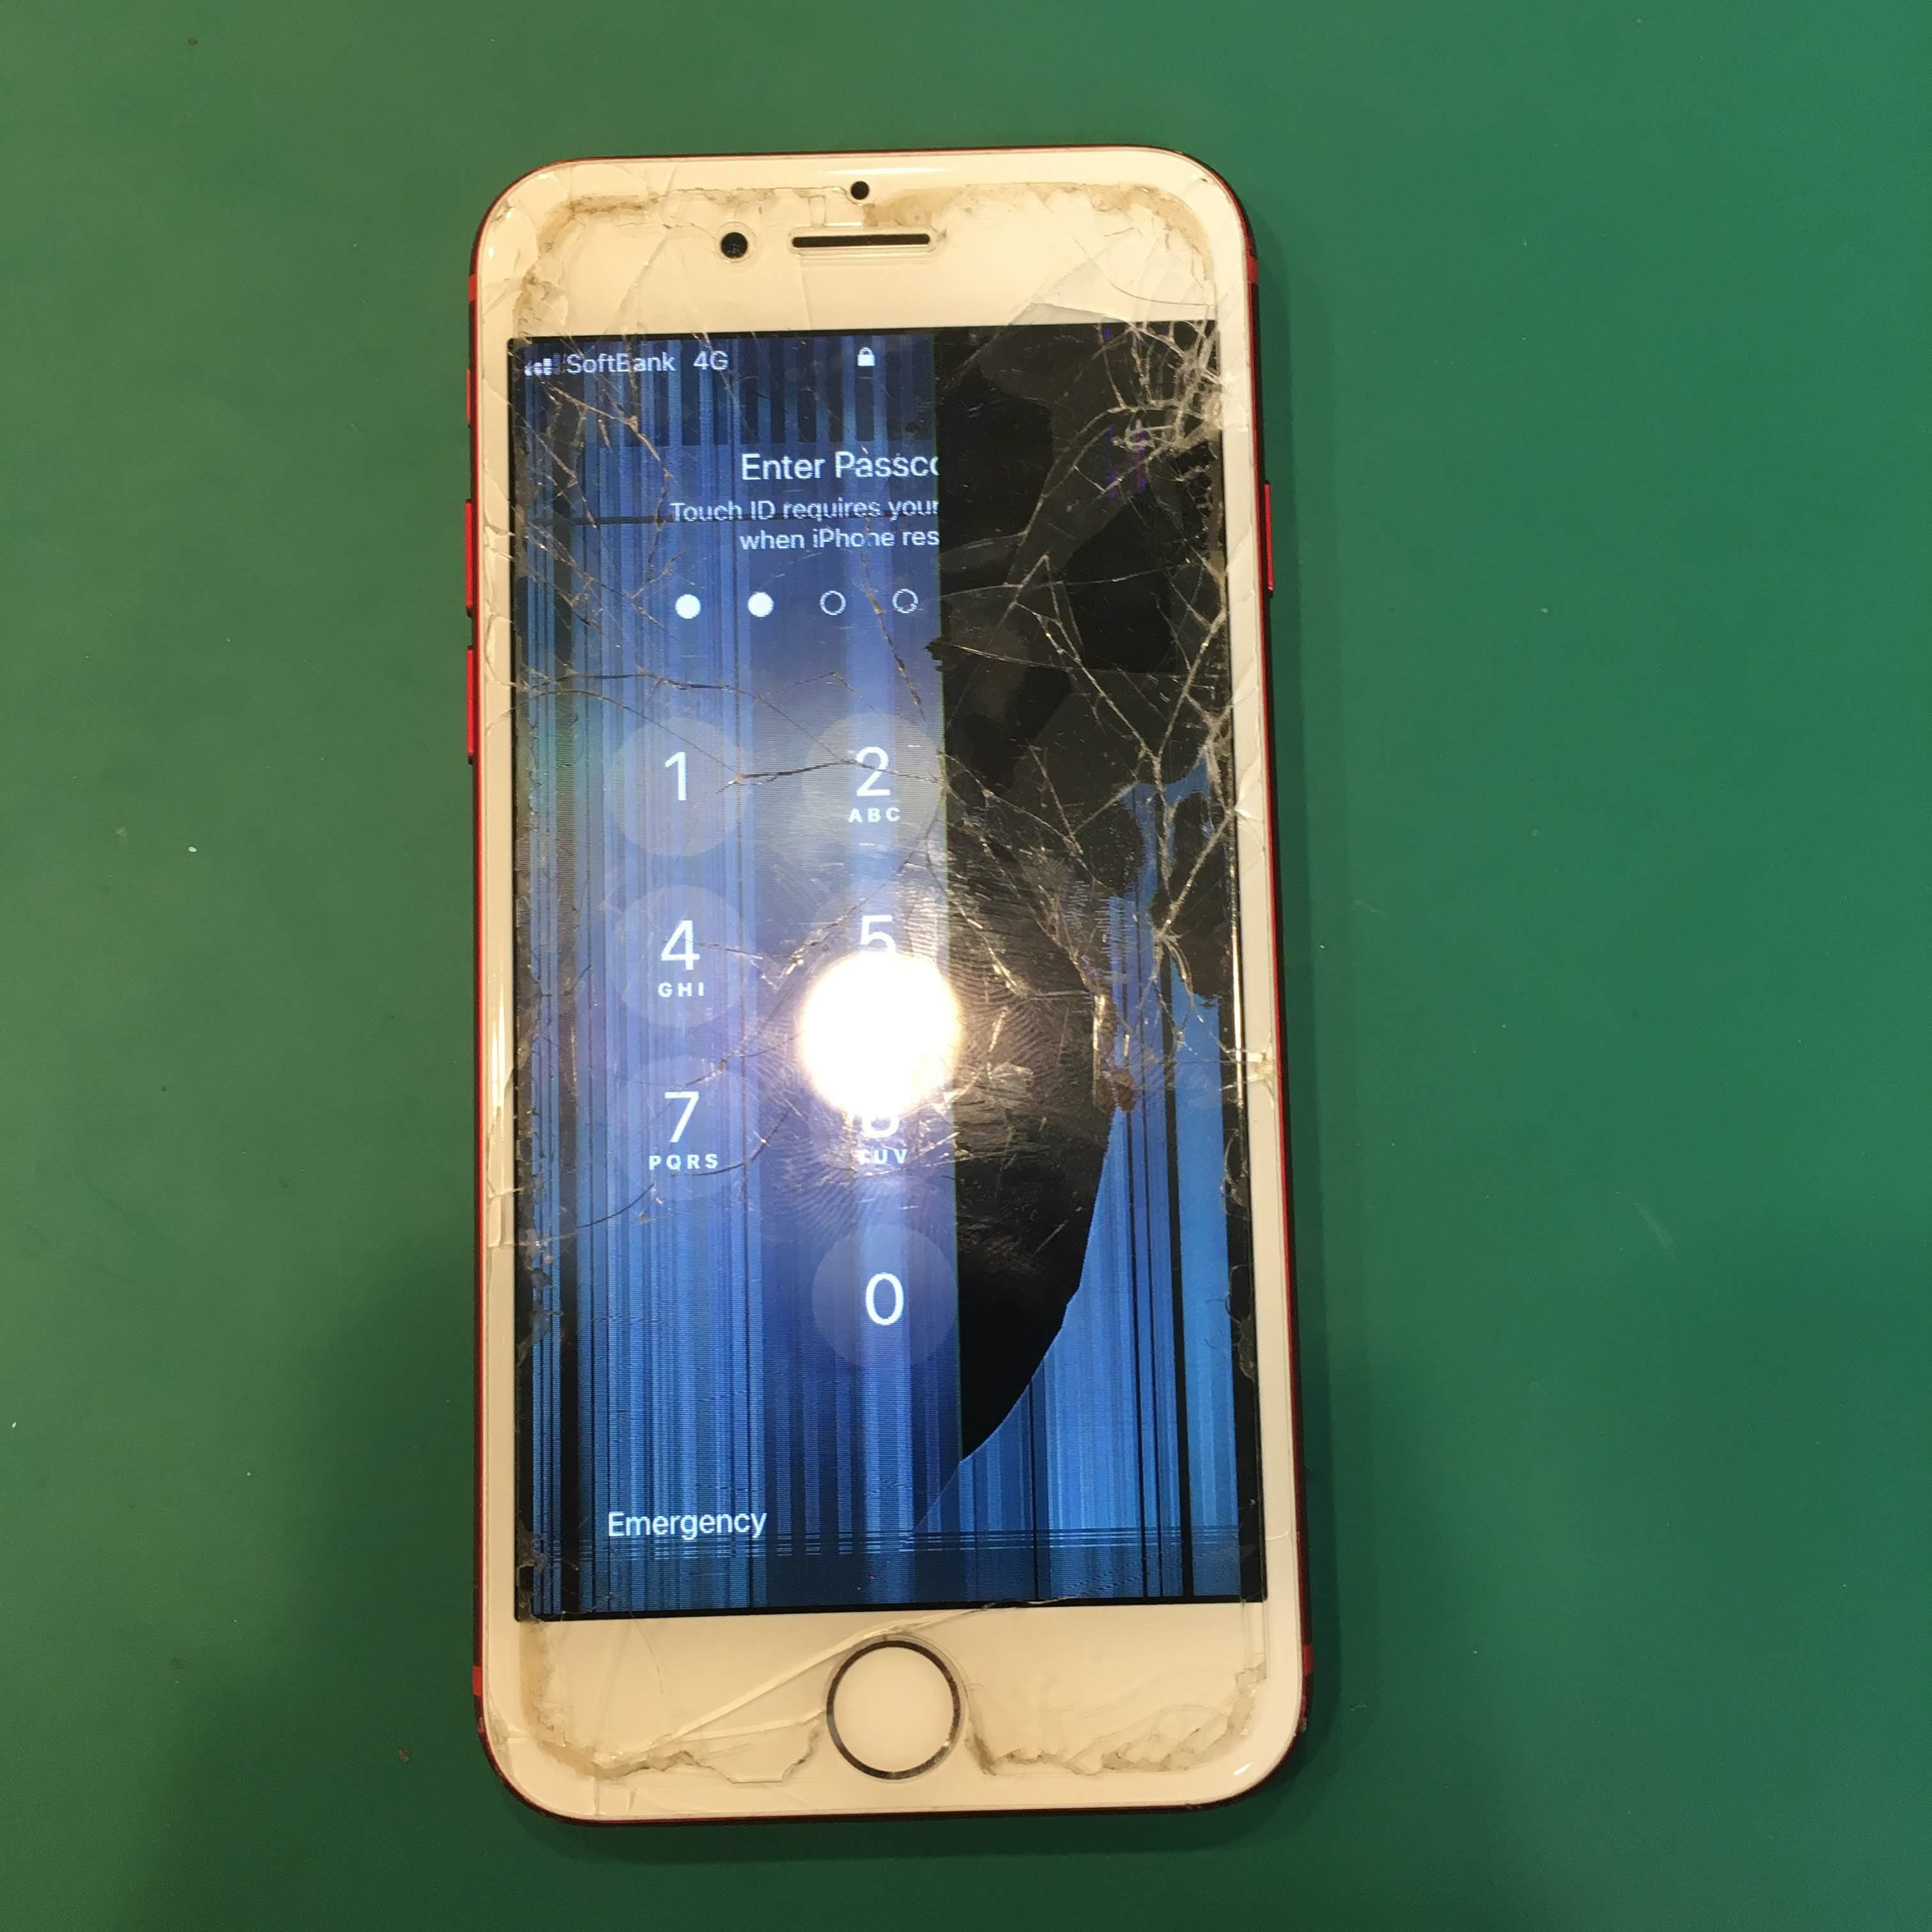 北習志野からiPhone7の液晶修理依頼です。ダメもとで相談に来たとのことでしたが、約40分で何ら問題なく直って安心したと喜んでいただけました。